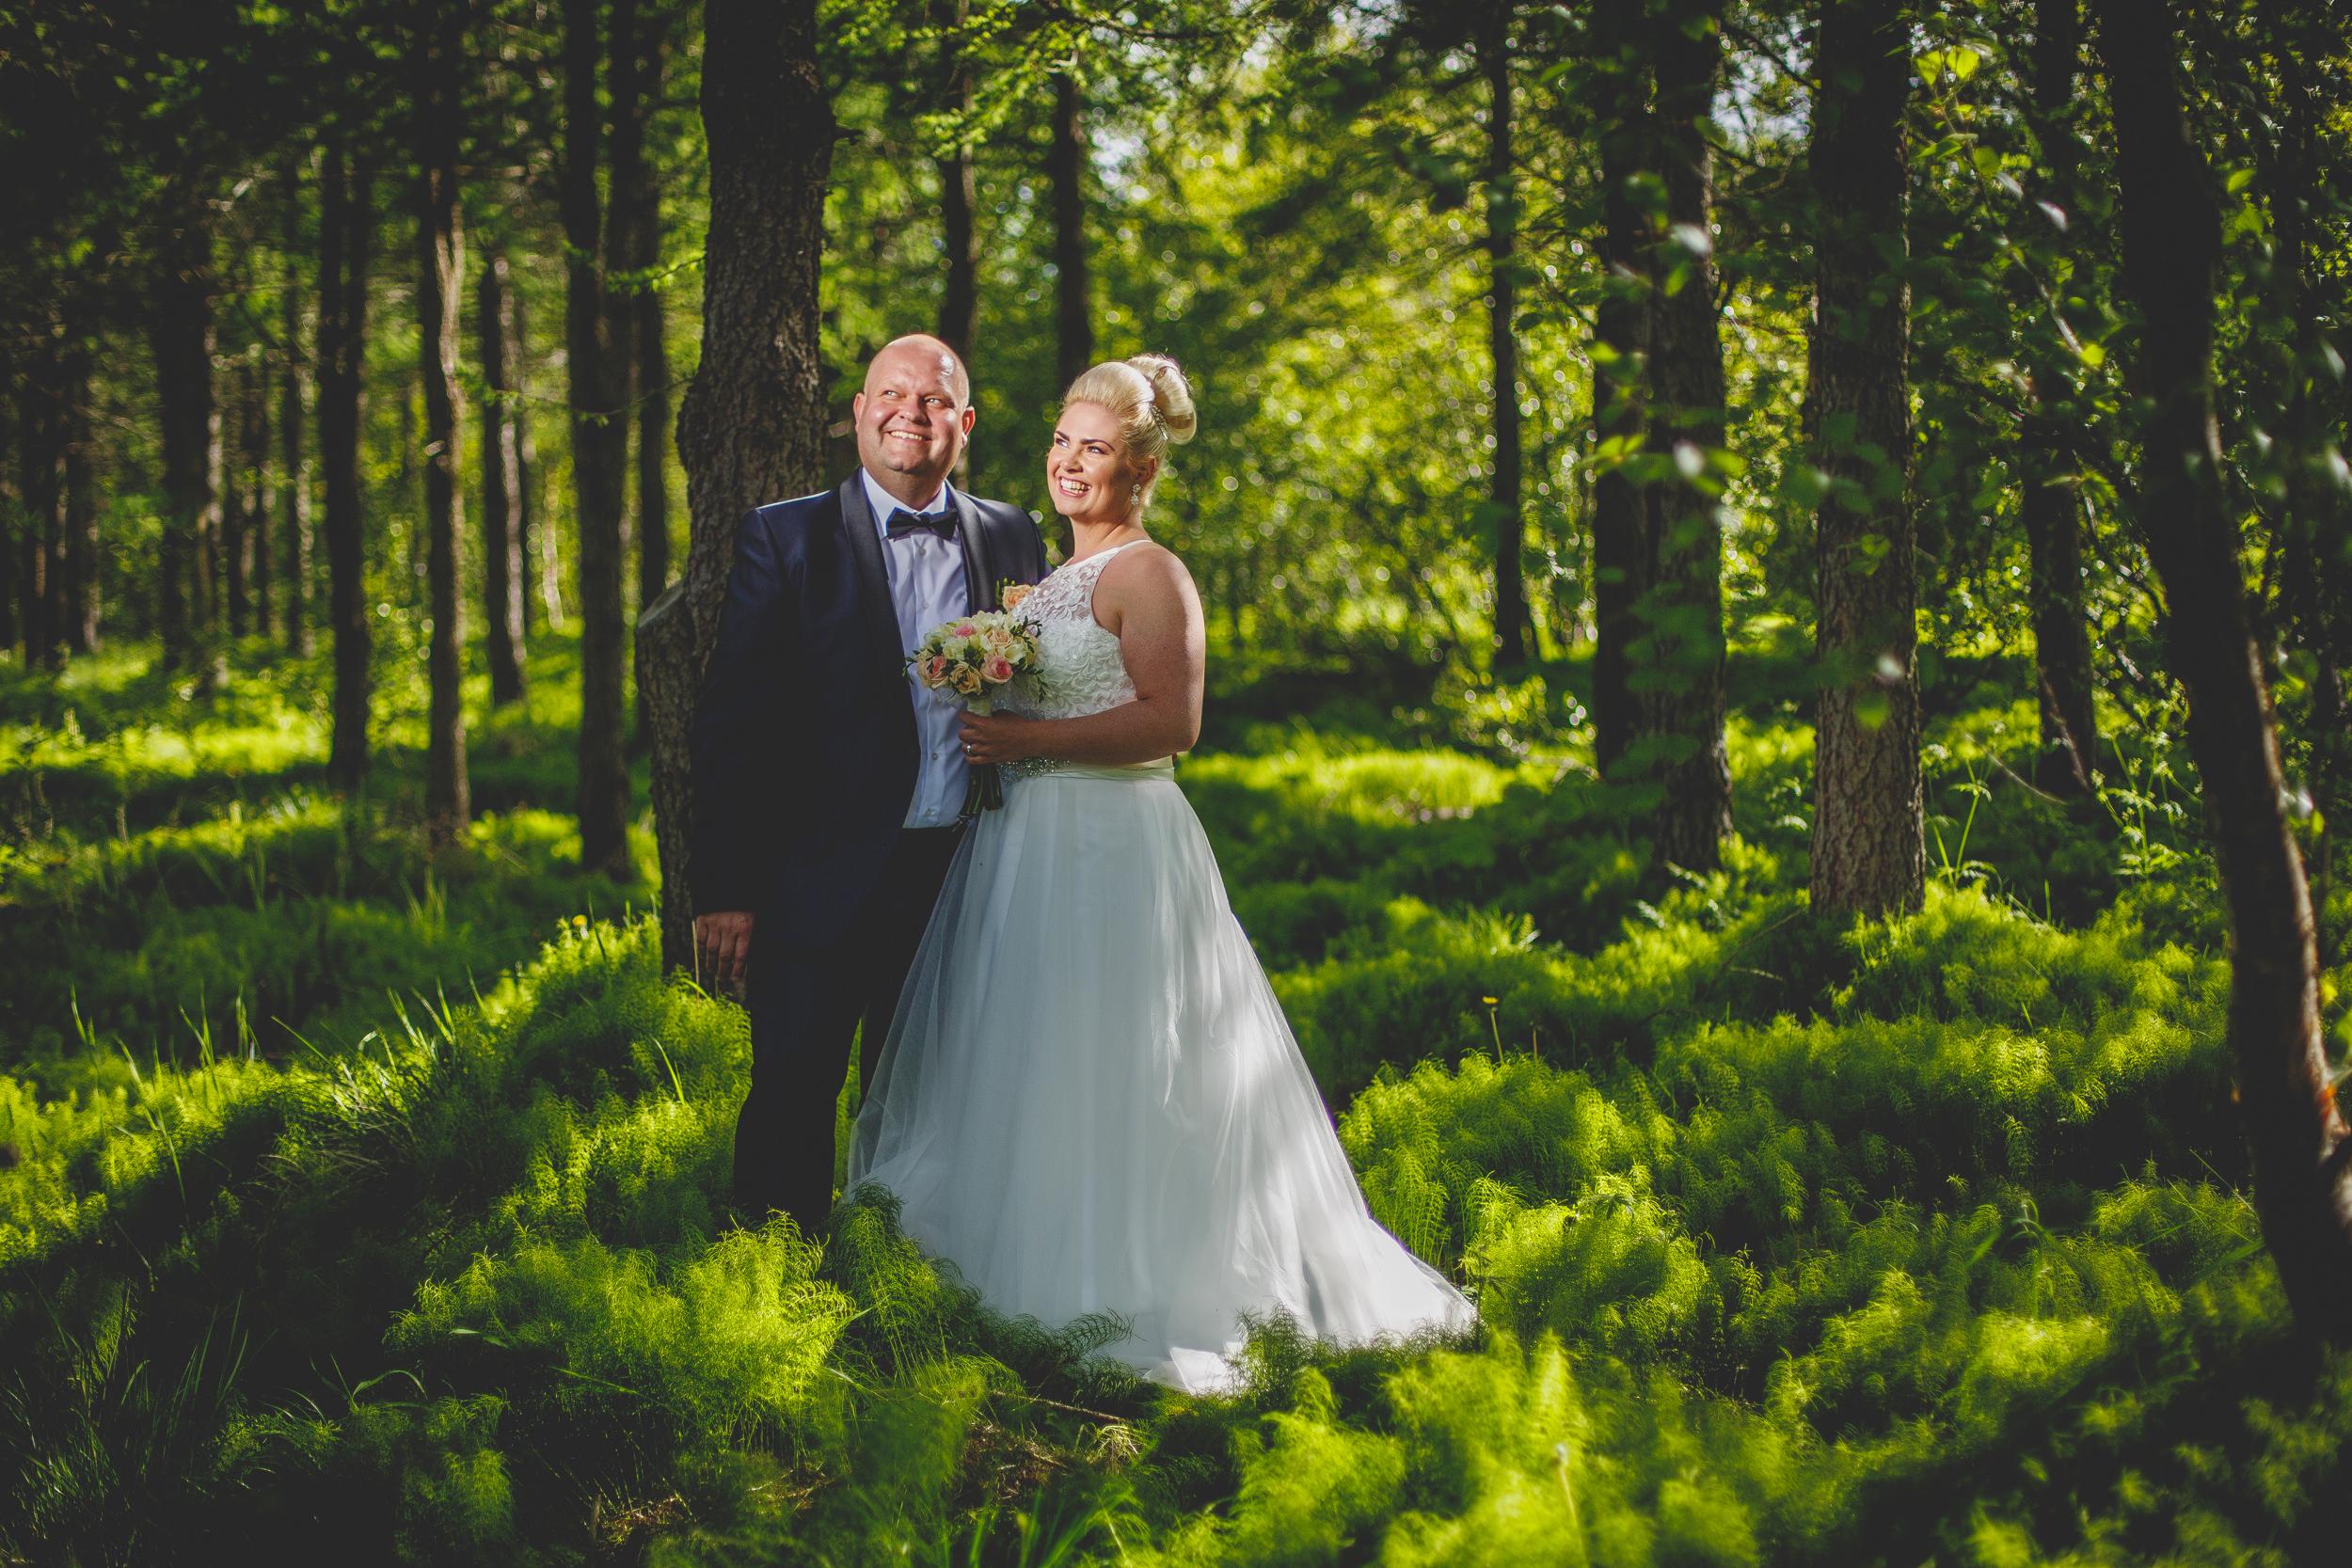 Brudkaup01-007.jpg